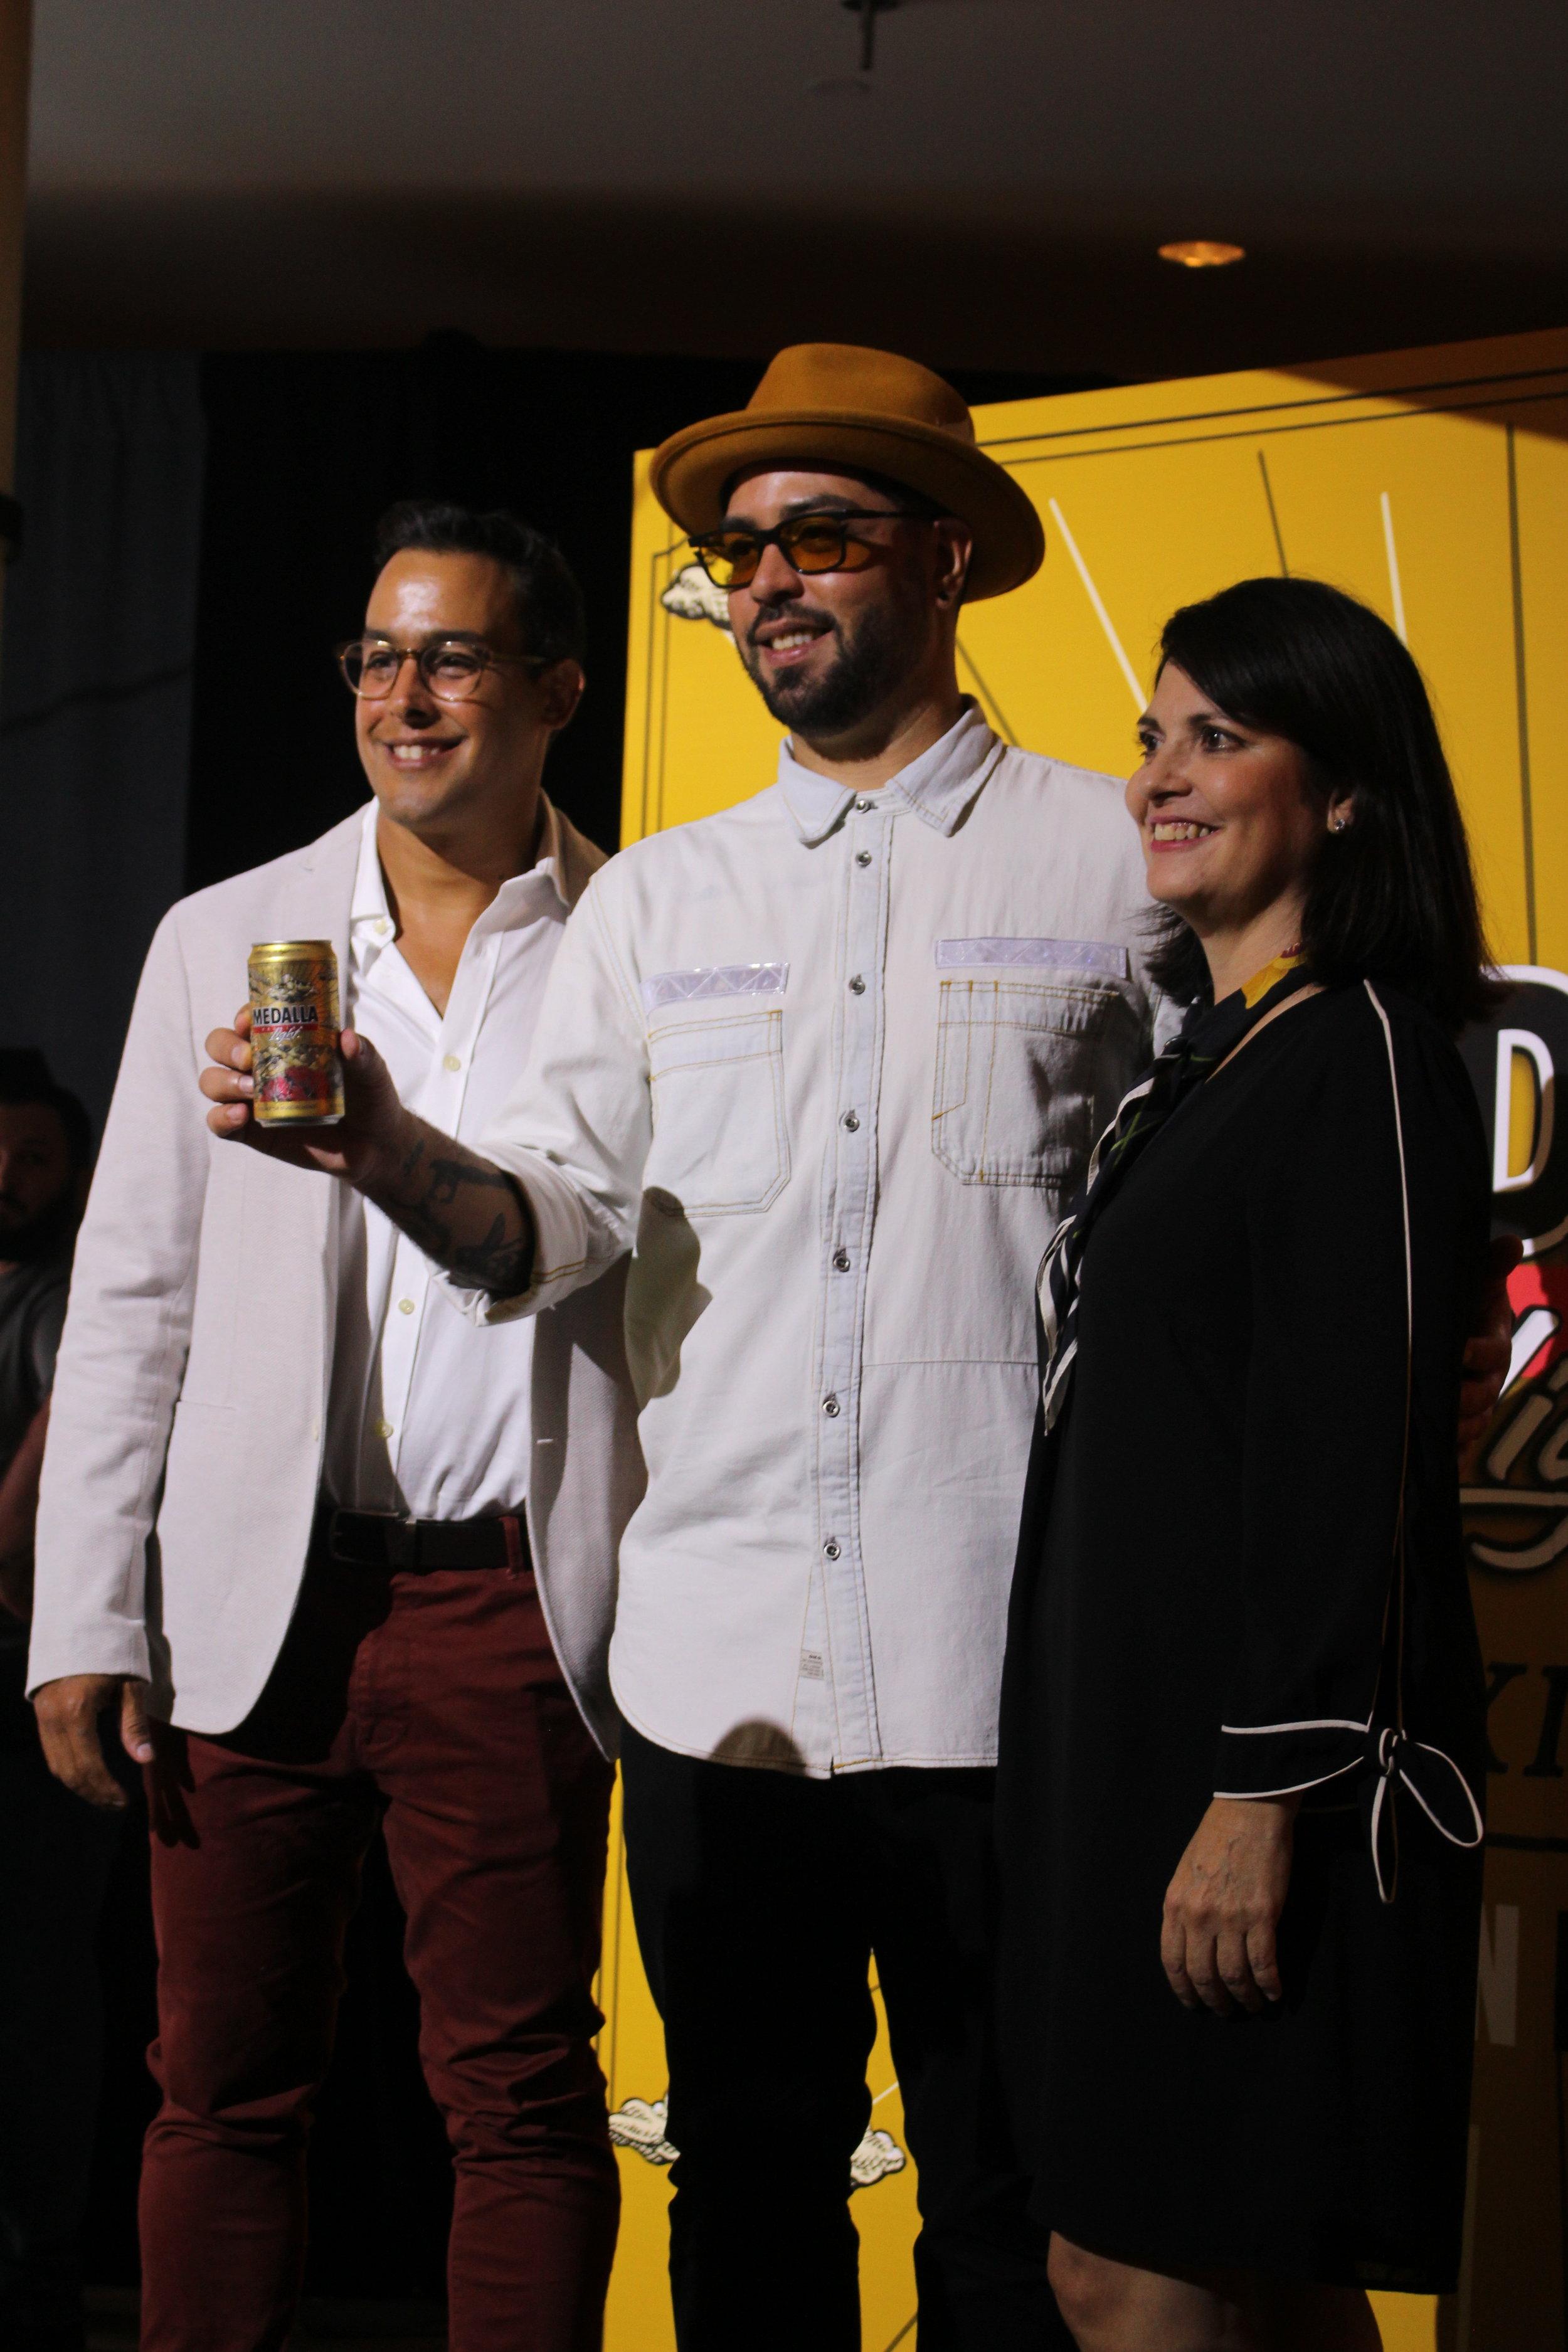 Jorge Bracero de Cervecera de Puerto Rico, Alexis Díaz y Marta Mabel Pérez del MAPR.